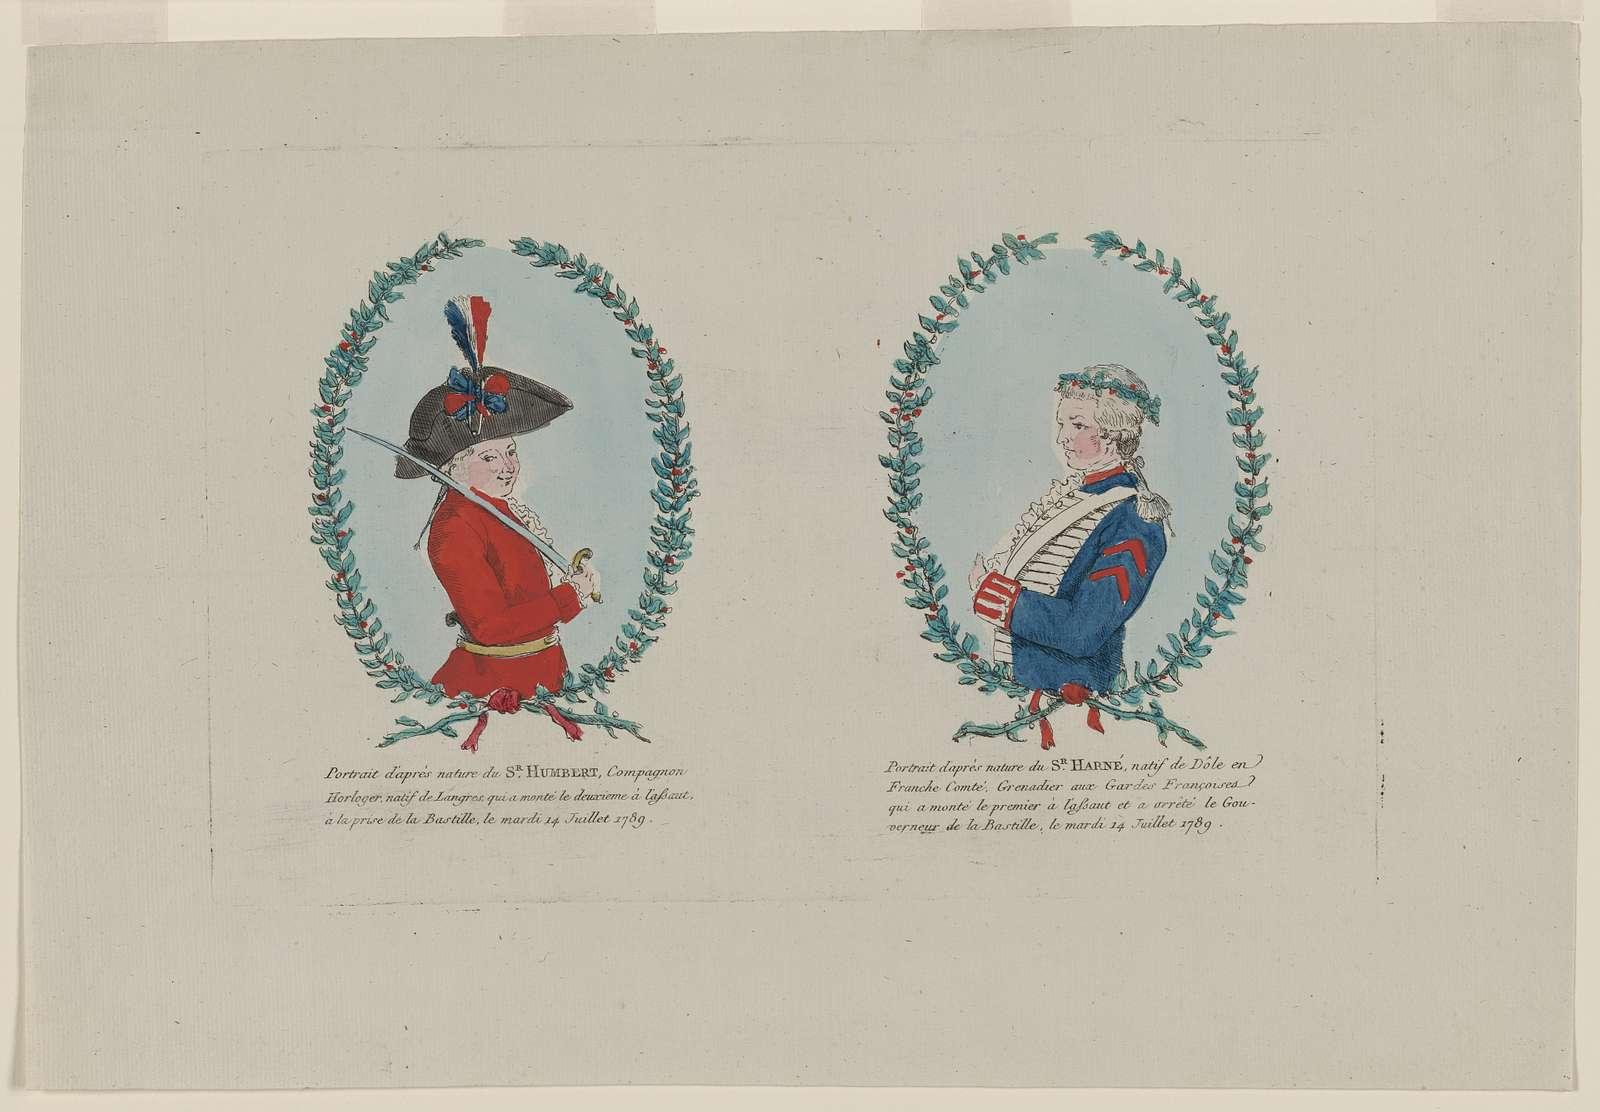 Portrait d'aprés nature du Sr. Humbert, Compagnon Horloger, natif de Langres, qui a monté le deuxieme à l'assaut à la prise de la Bastille, le mardi 14 Juillet 1789